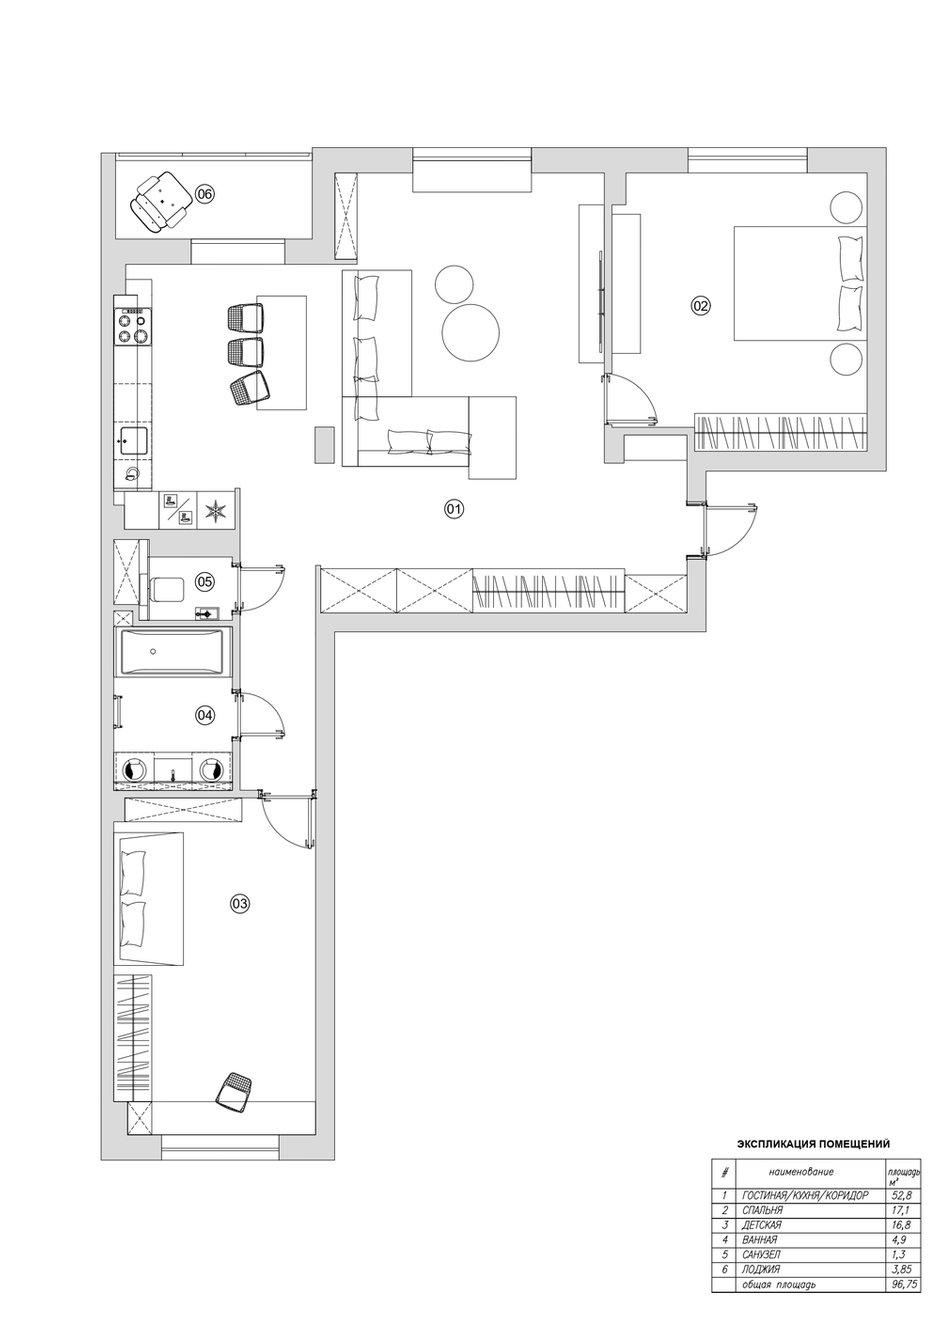 Фотография: Планировки в стиле , Квартира, Минимализм, Проект недели, Минск, 3 комнаты, Более 90 метров, Татьяна Манцевич – фото на INMYROOM